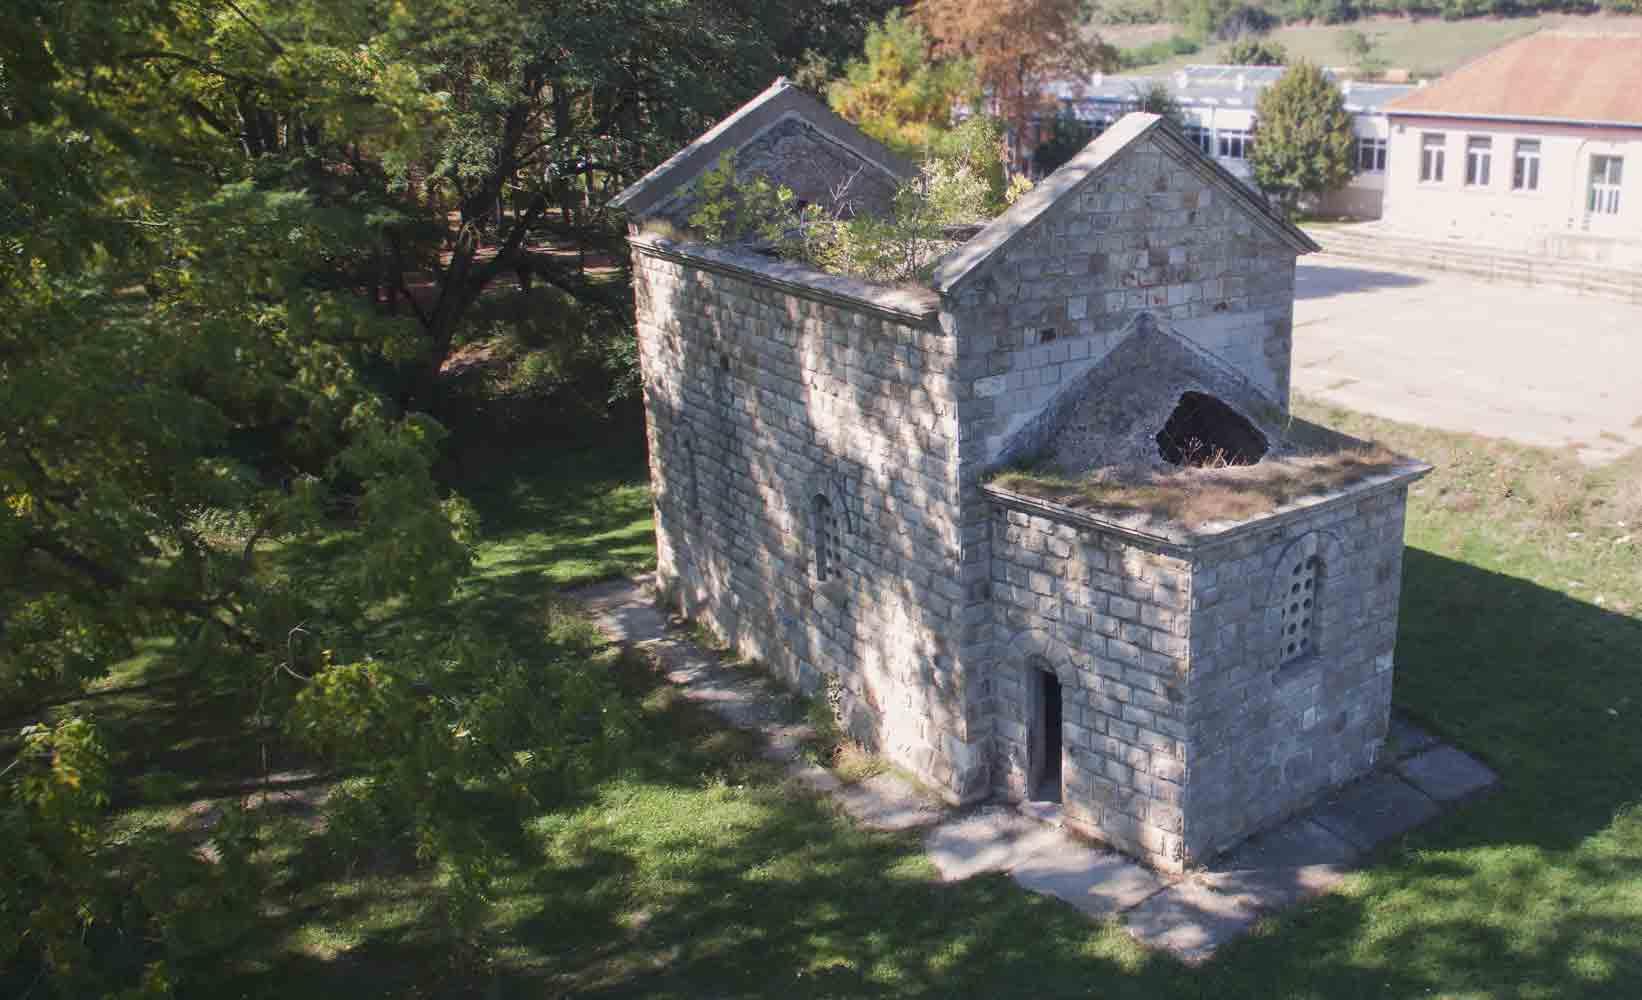 Црква св. Петра у Самодрежи данас